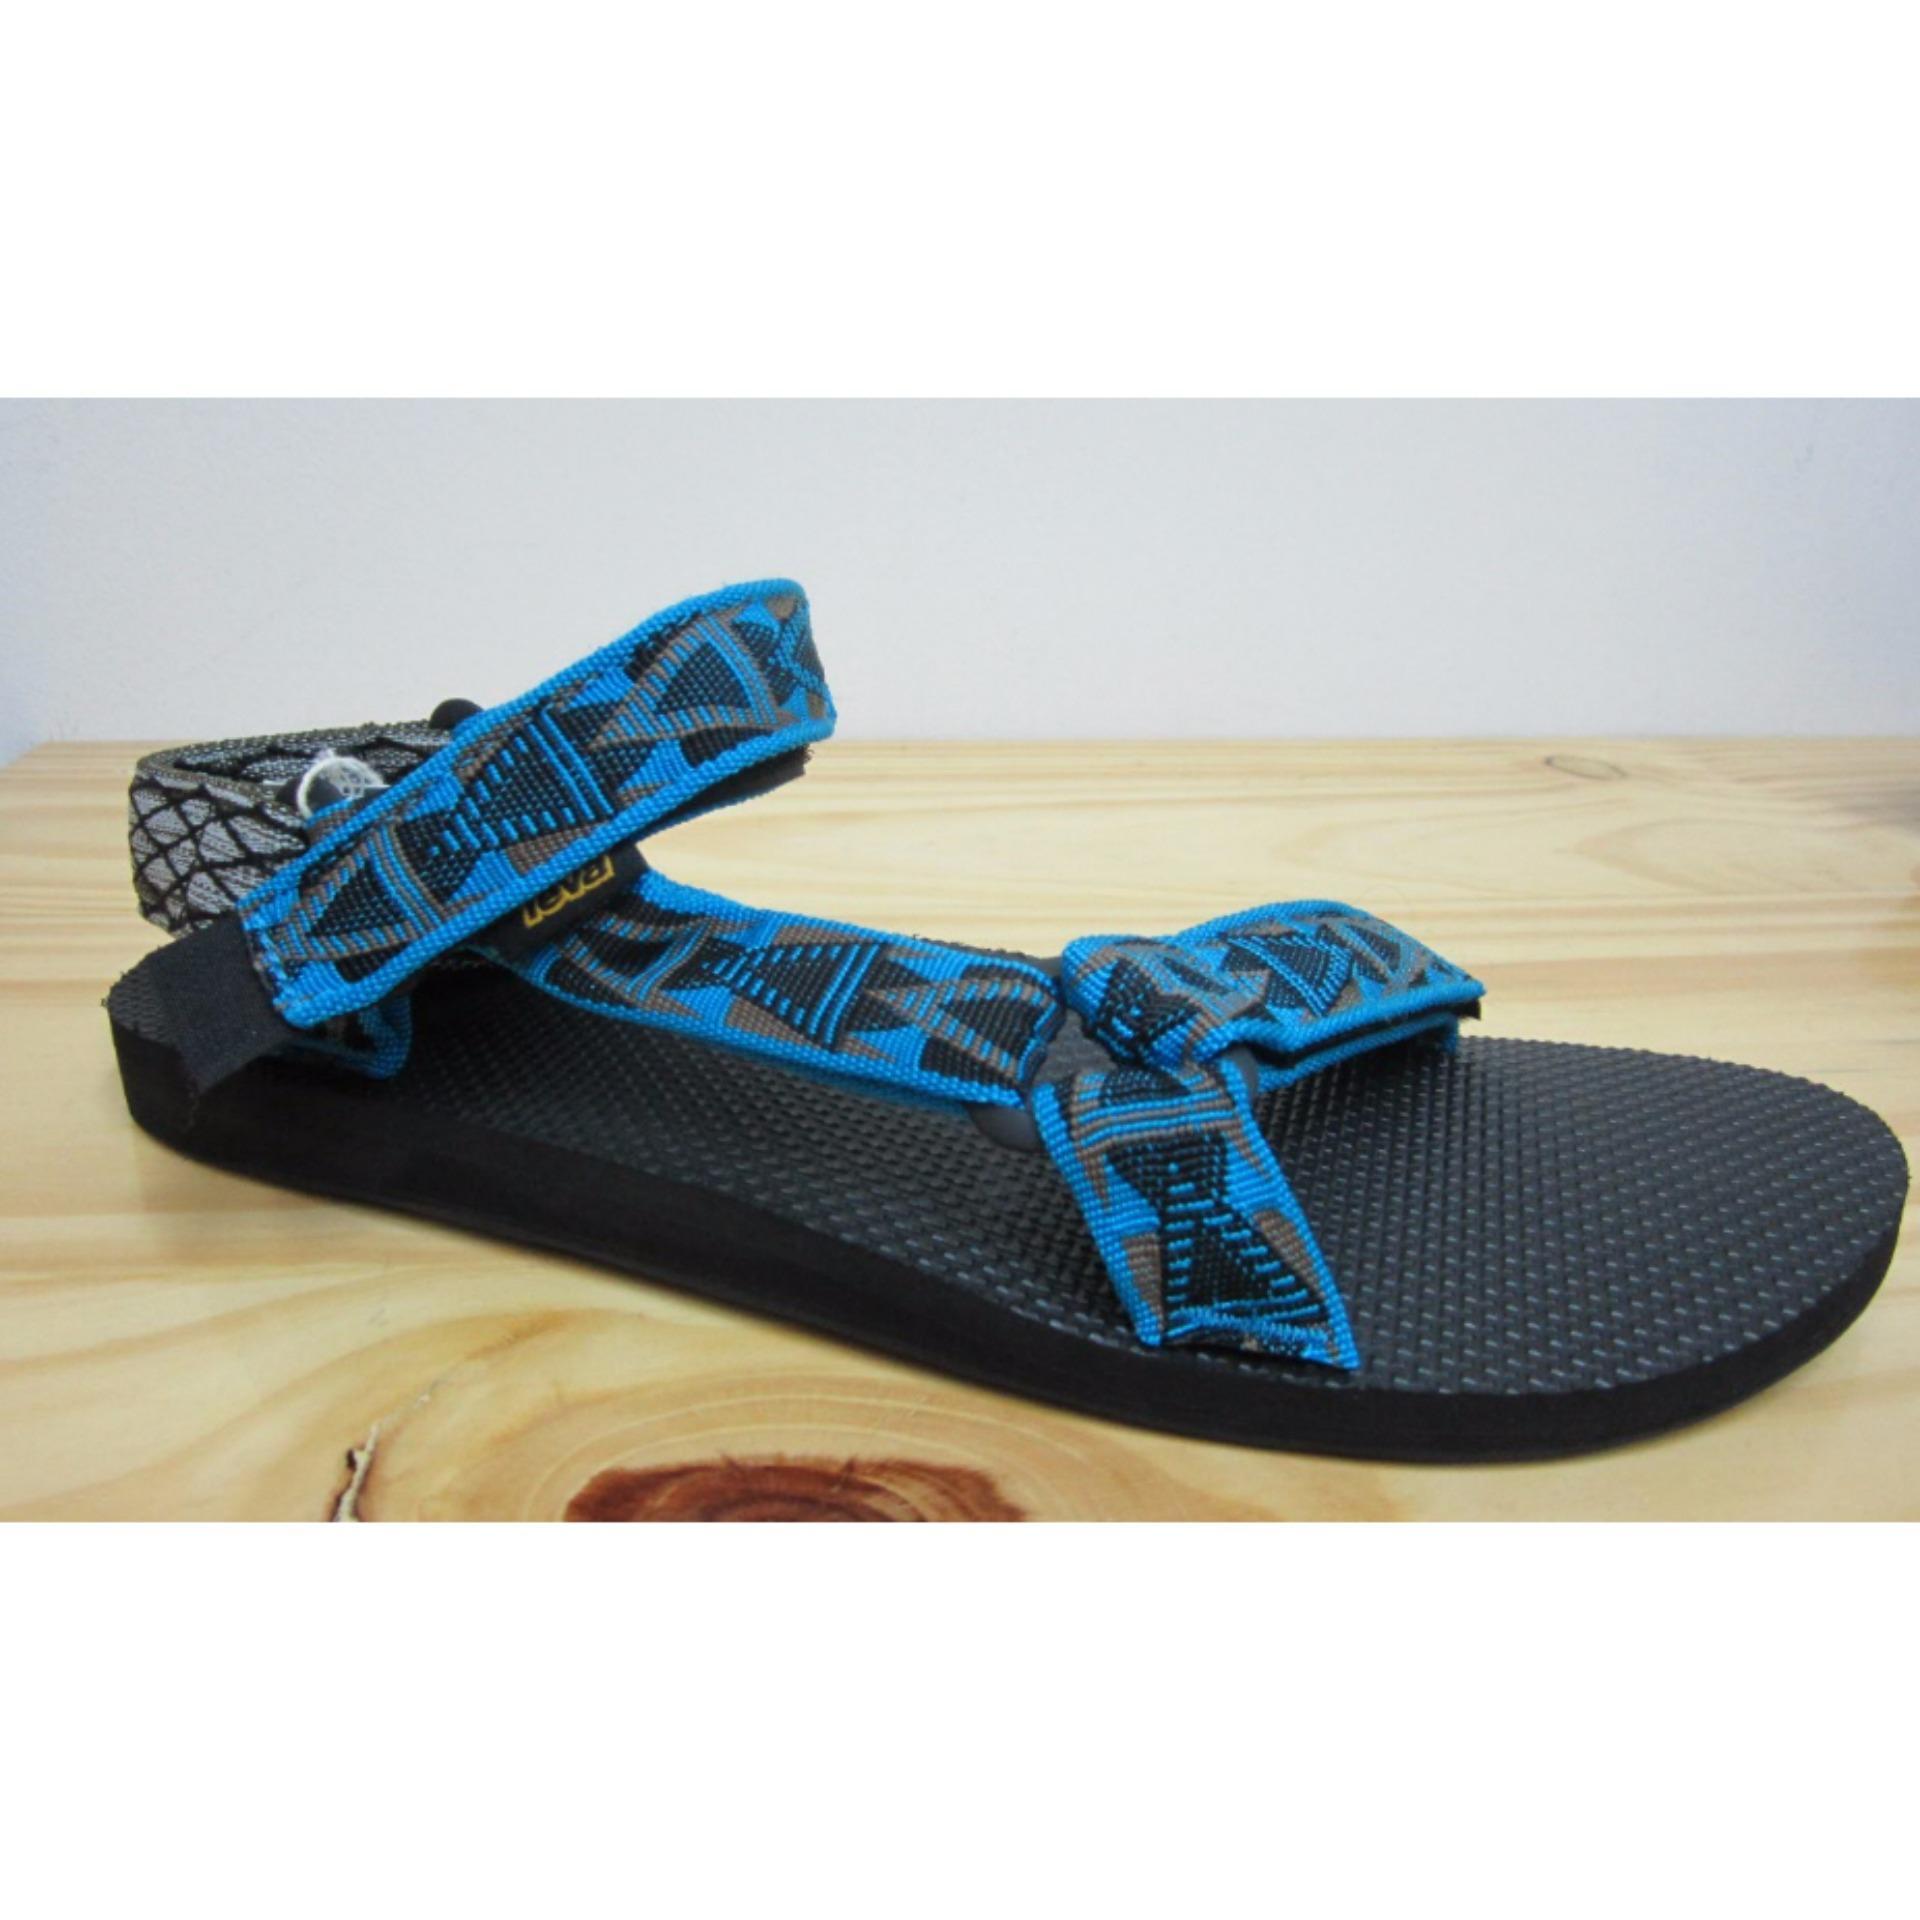 Teva Sandal Gunung Original Universal mashedup Blue - 1004006-M-BLUE